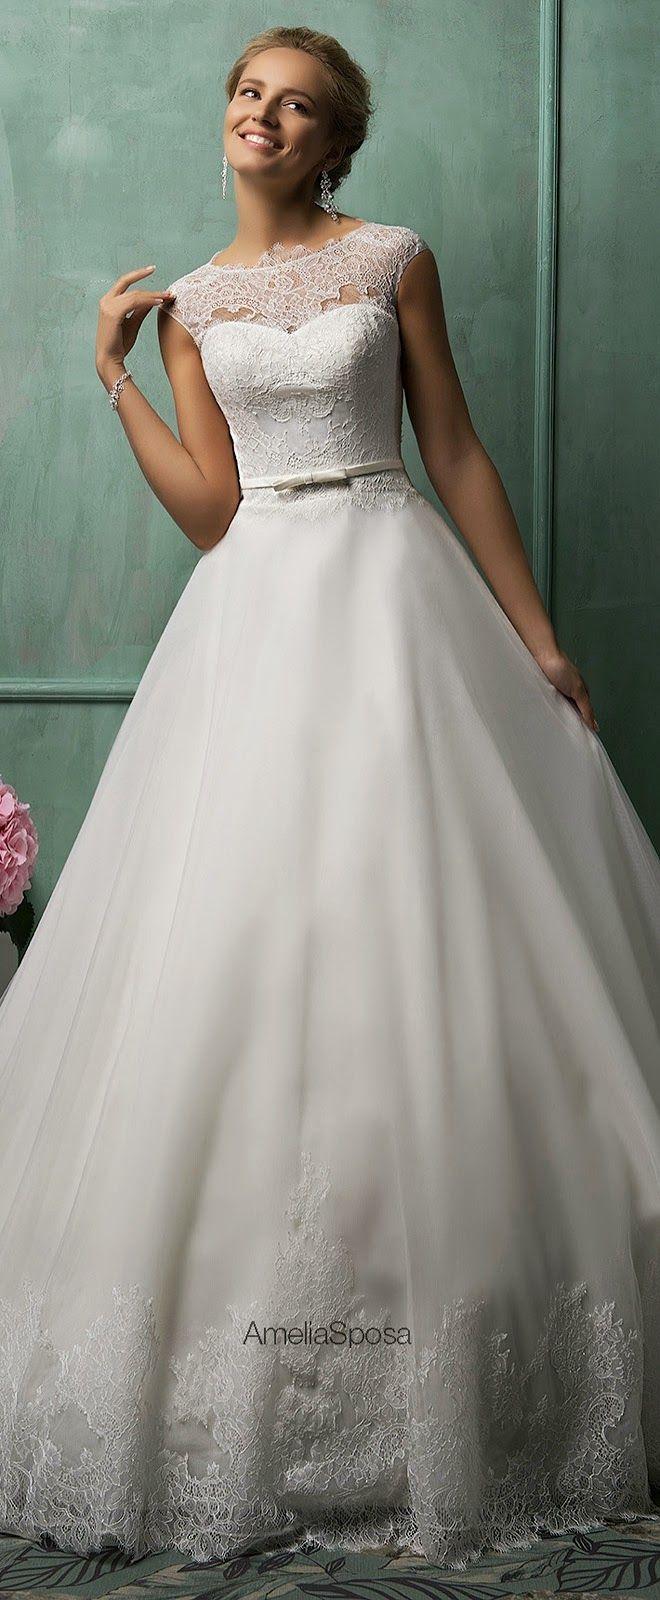 pretty vestidos de noiva amelia sposa 2014 cap manga vestido davia Volta Ilusão | heartoverheels.com